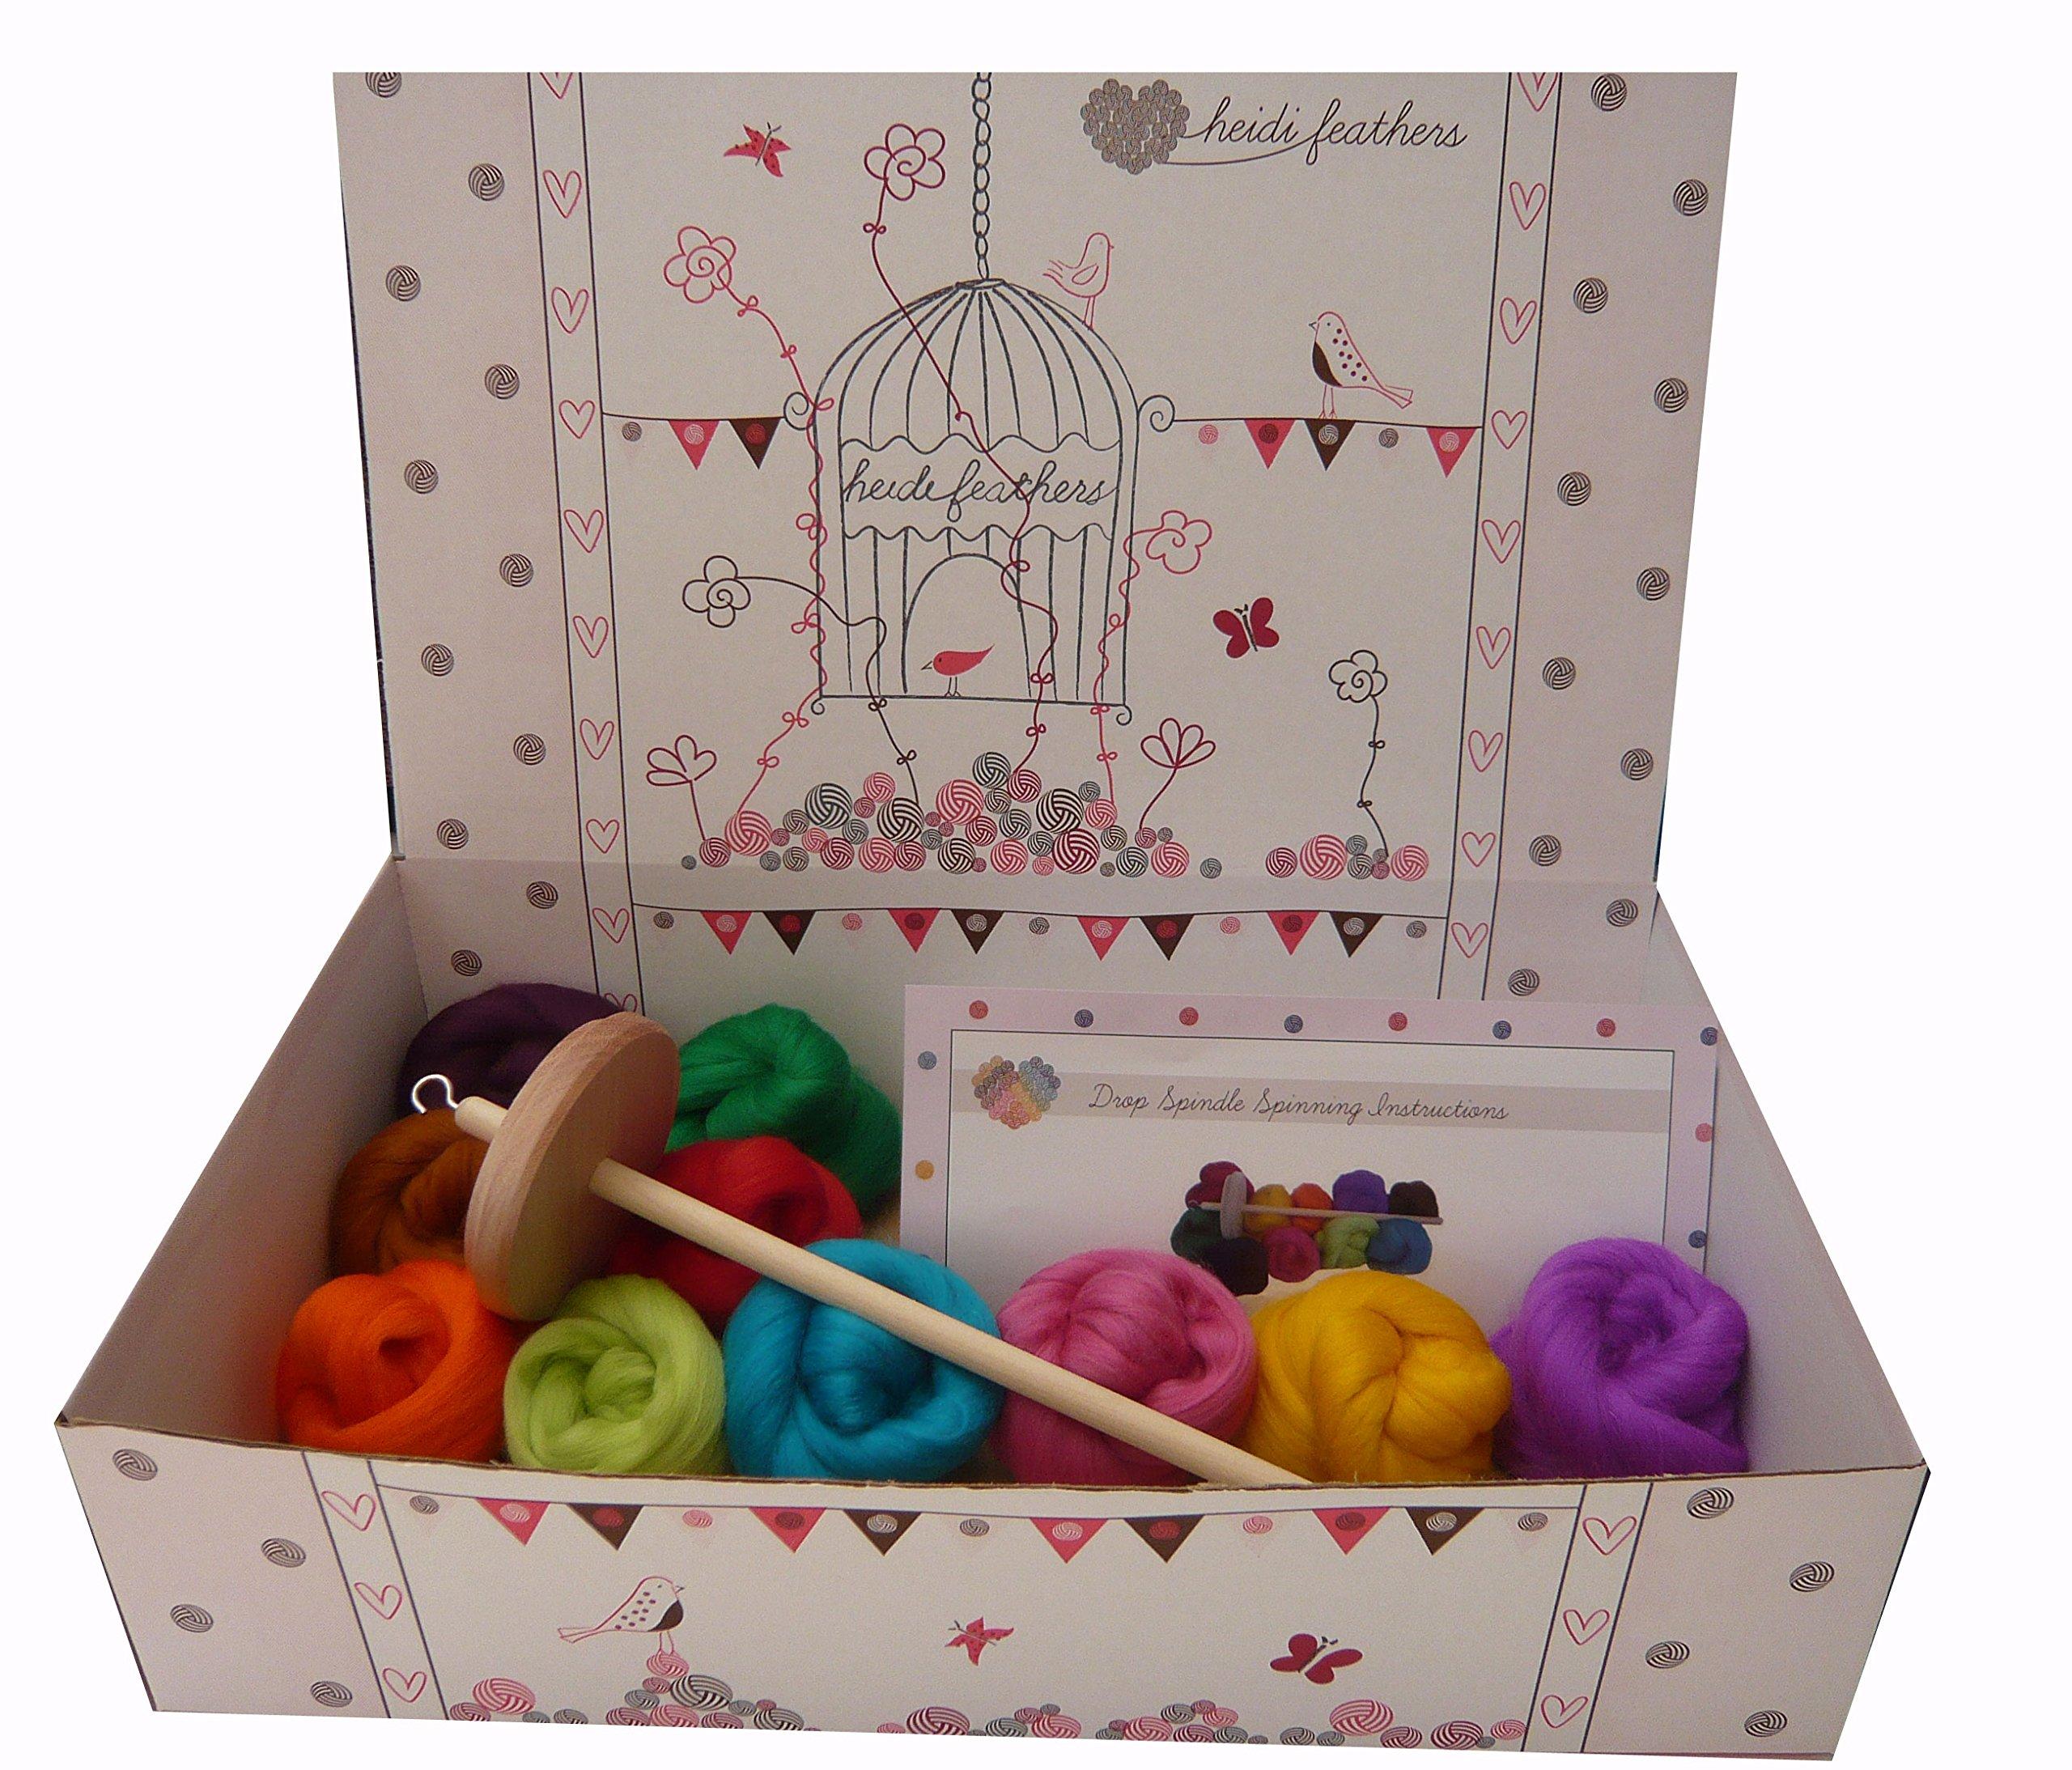 Heidifeathers Starter Spinning Kit - Merino Wool